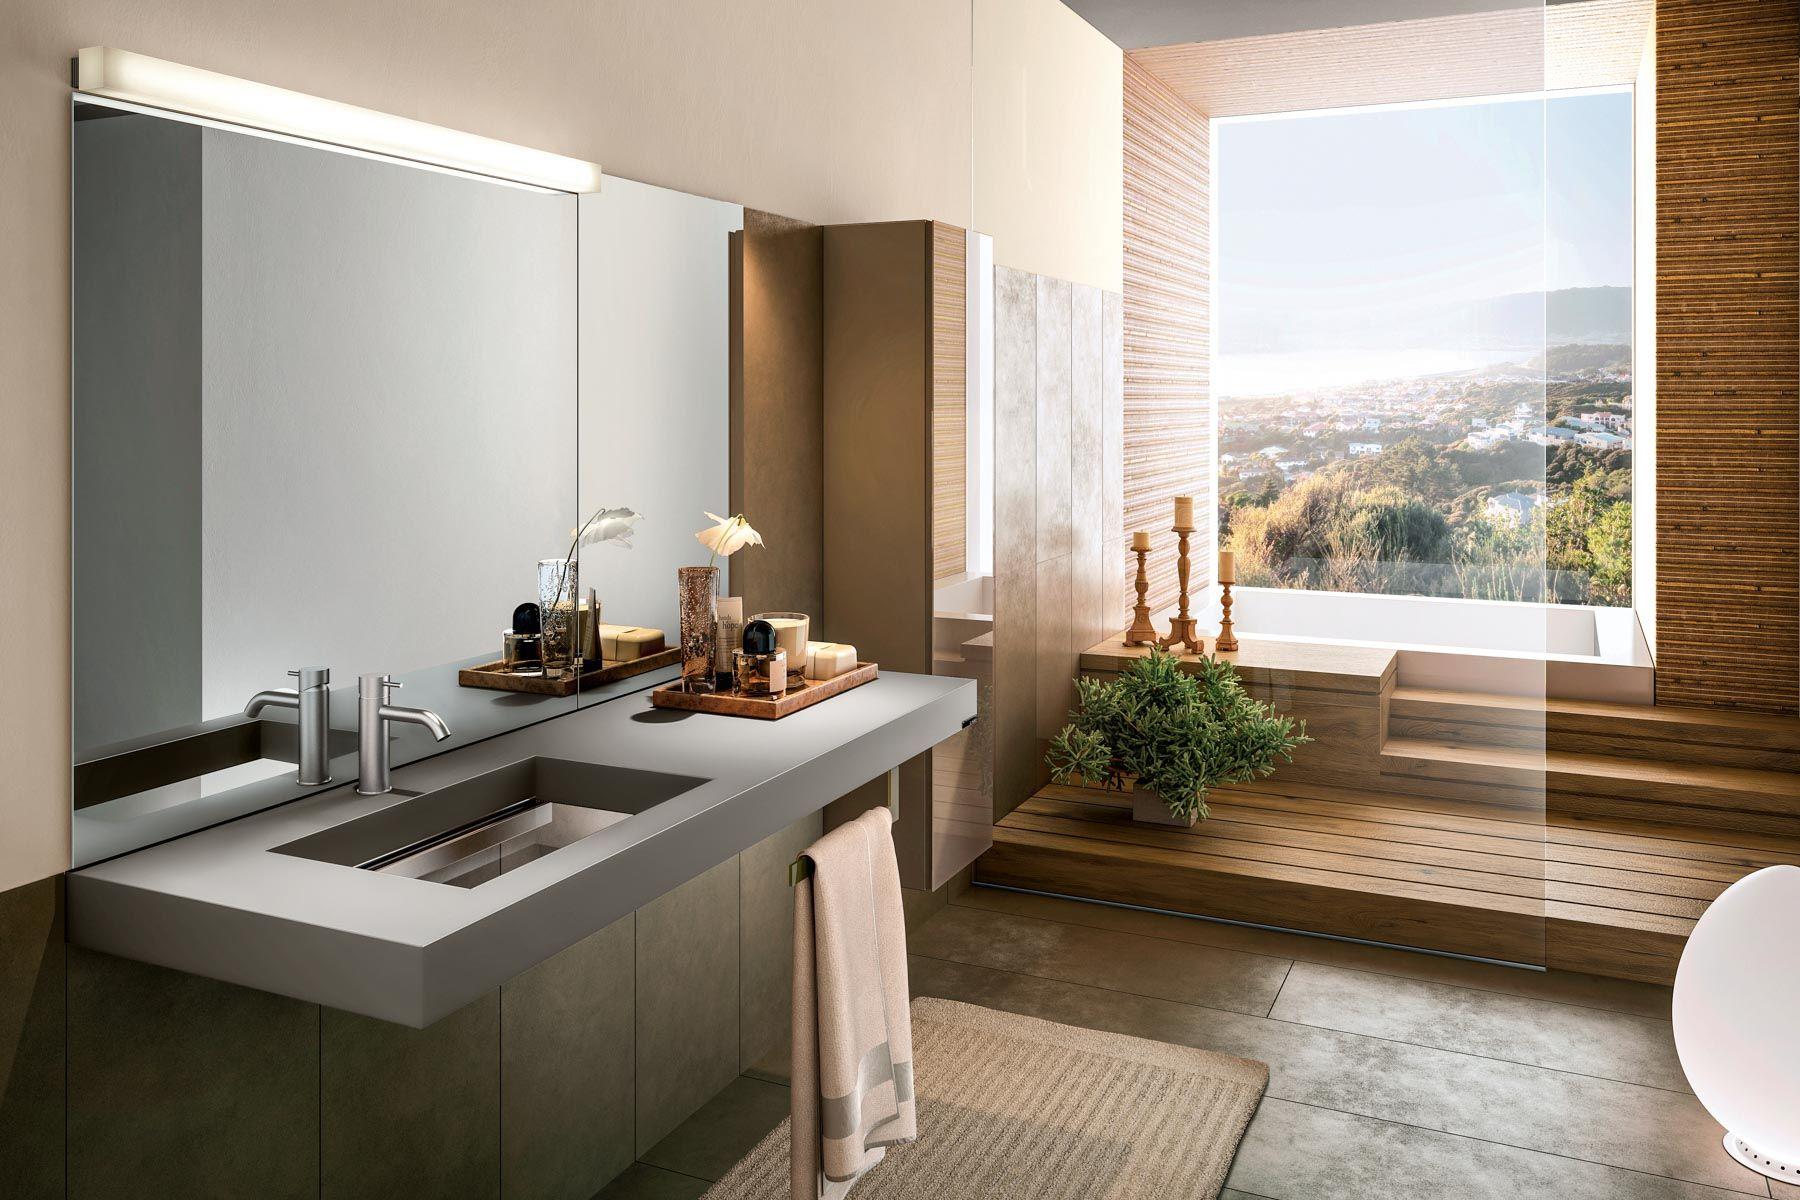 Badezimmer - Waschtisch Depth